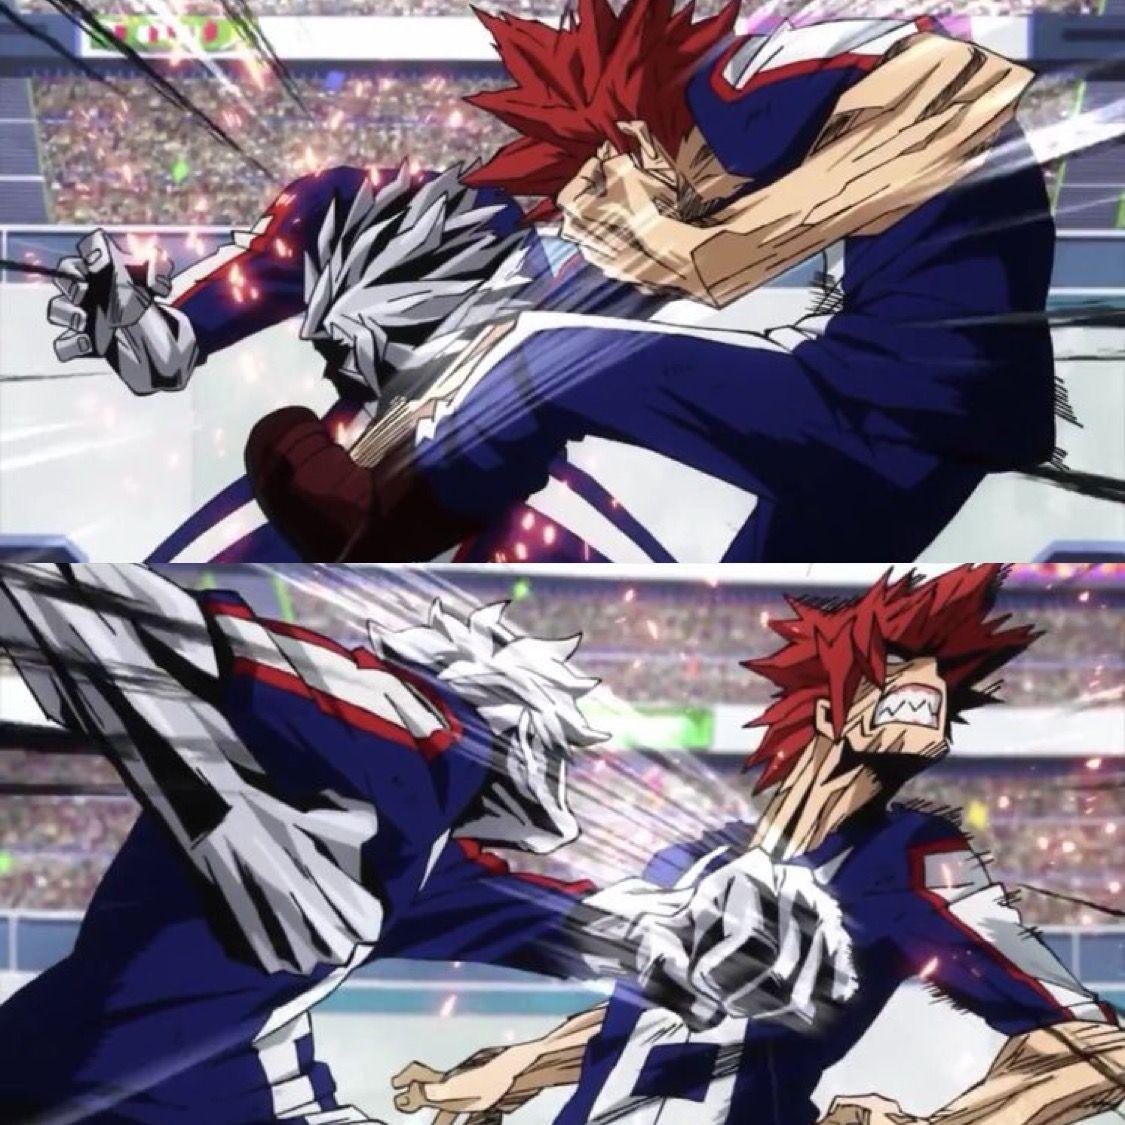 Tetsutetsu Tetsutetsu Vs Kirishima Eijirou Boku No Hero Academia Hero My Hero Kirishima